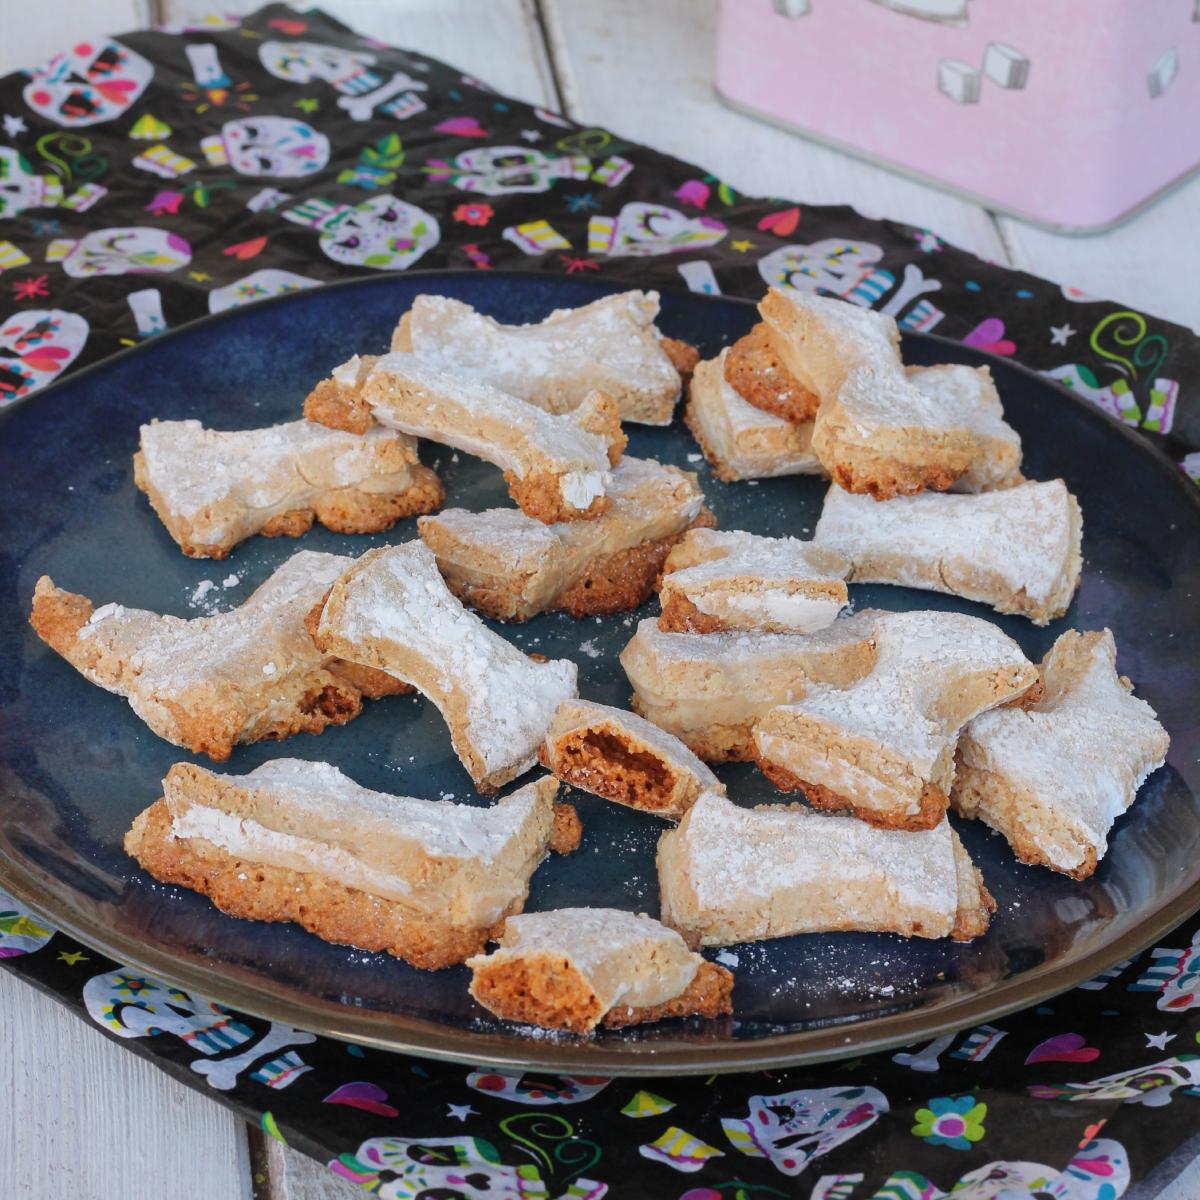 OSSA DEI MORTI biscotti tradizionali DOLCI per commemorare i defunti